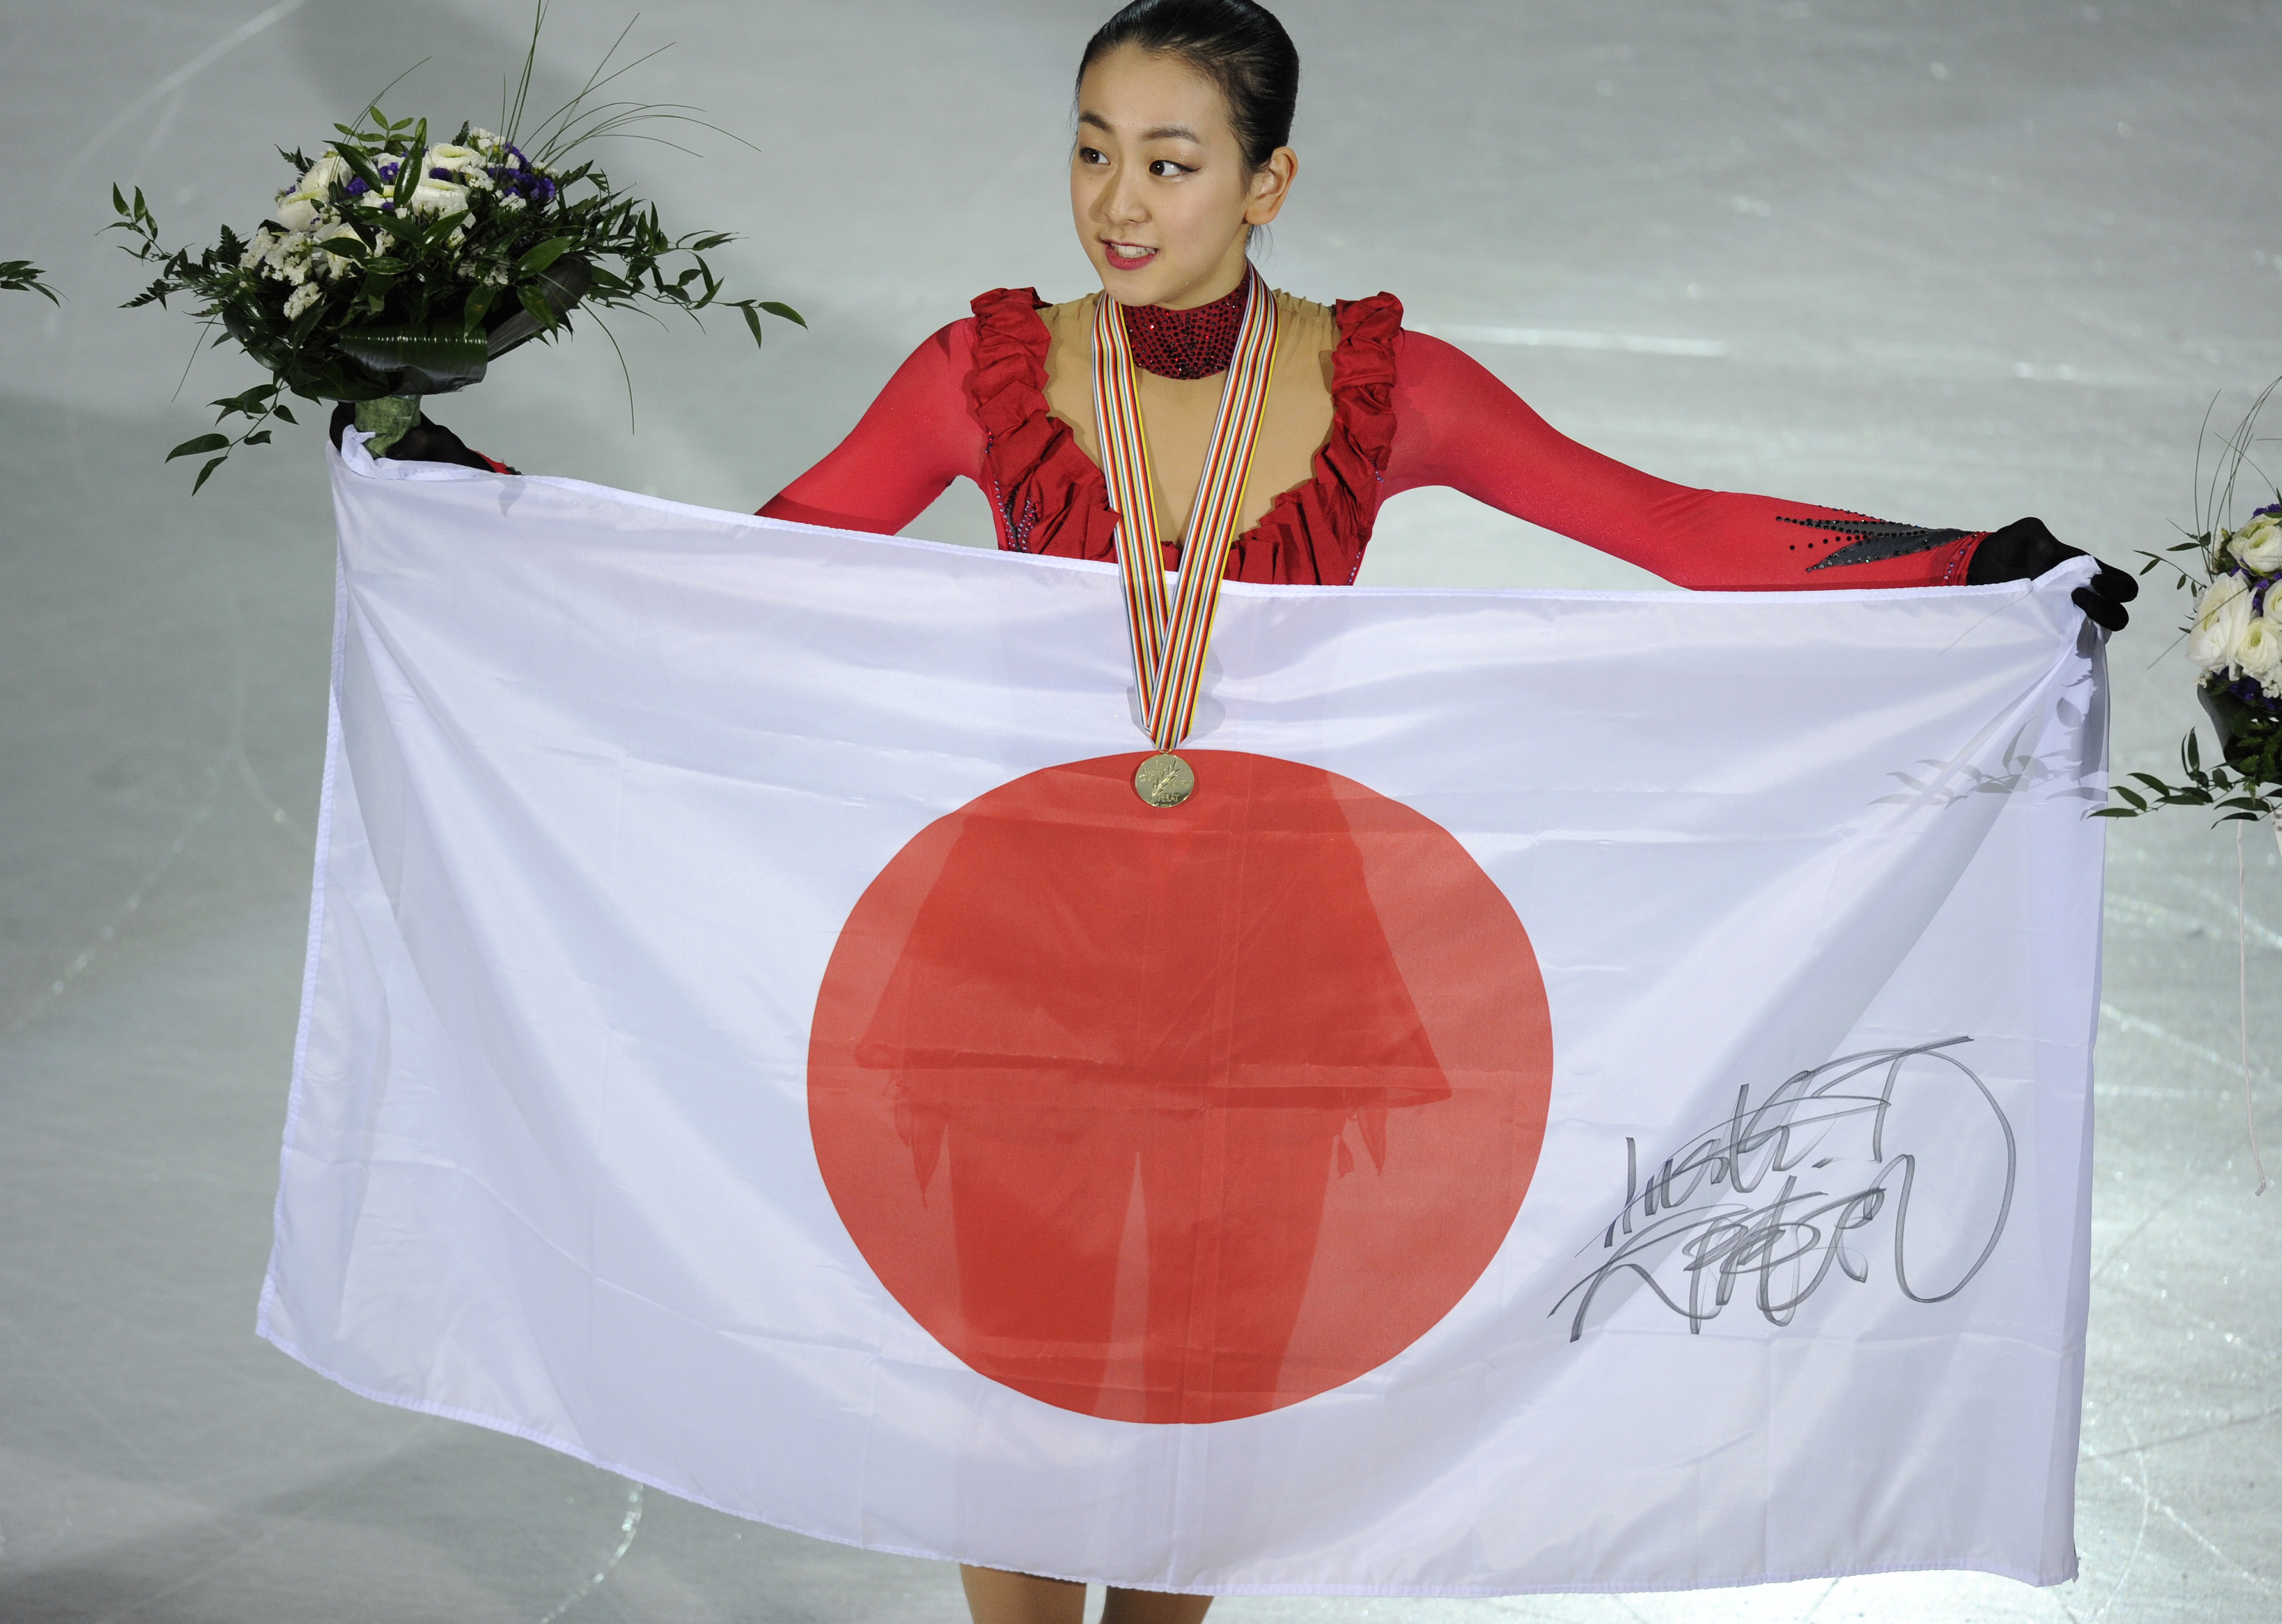 Gold Medalist Japan's Mao Asada Holds a Japan's Flag as She Poses